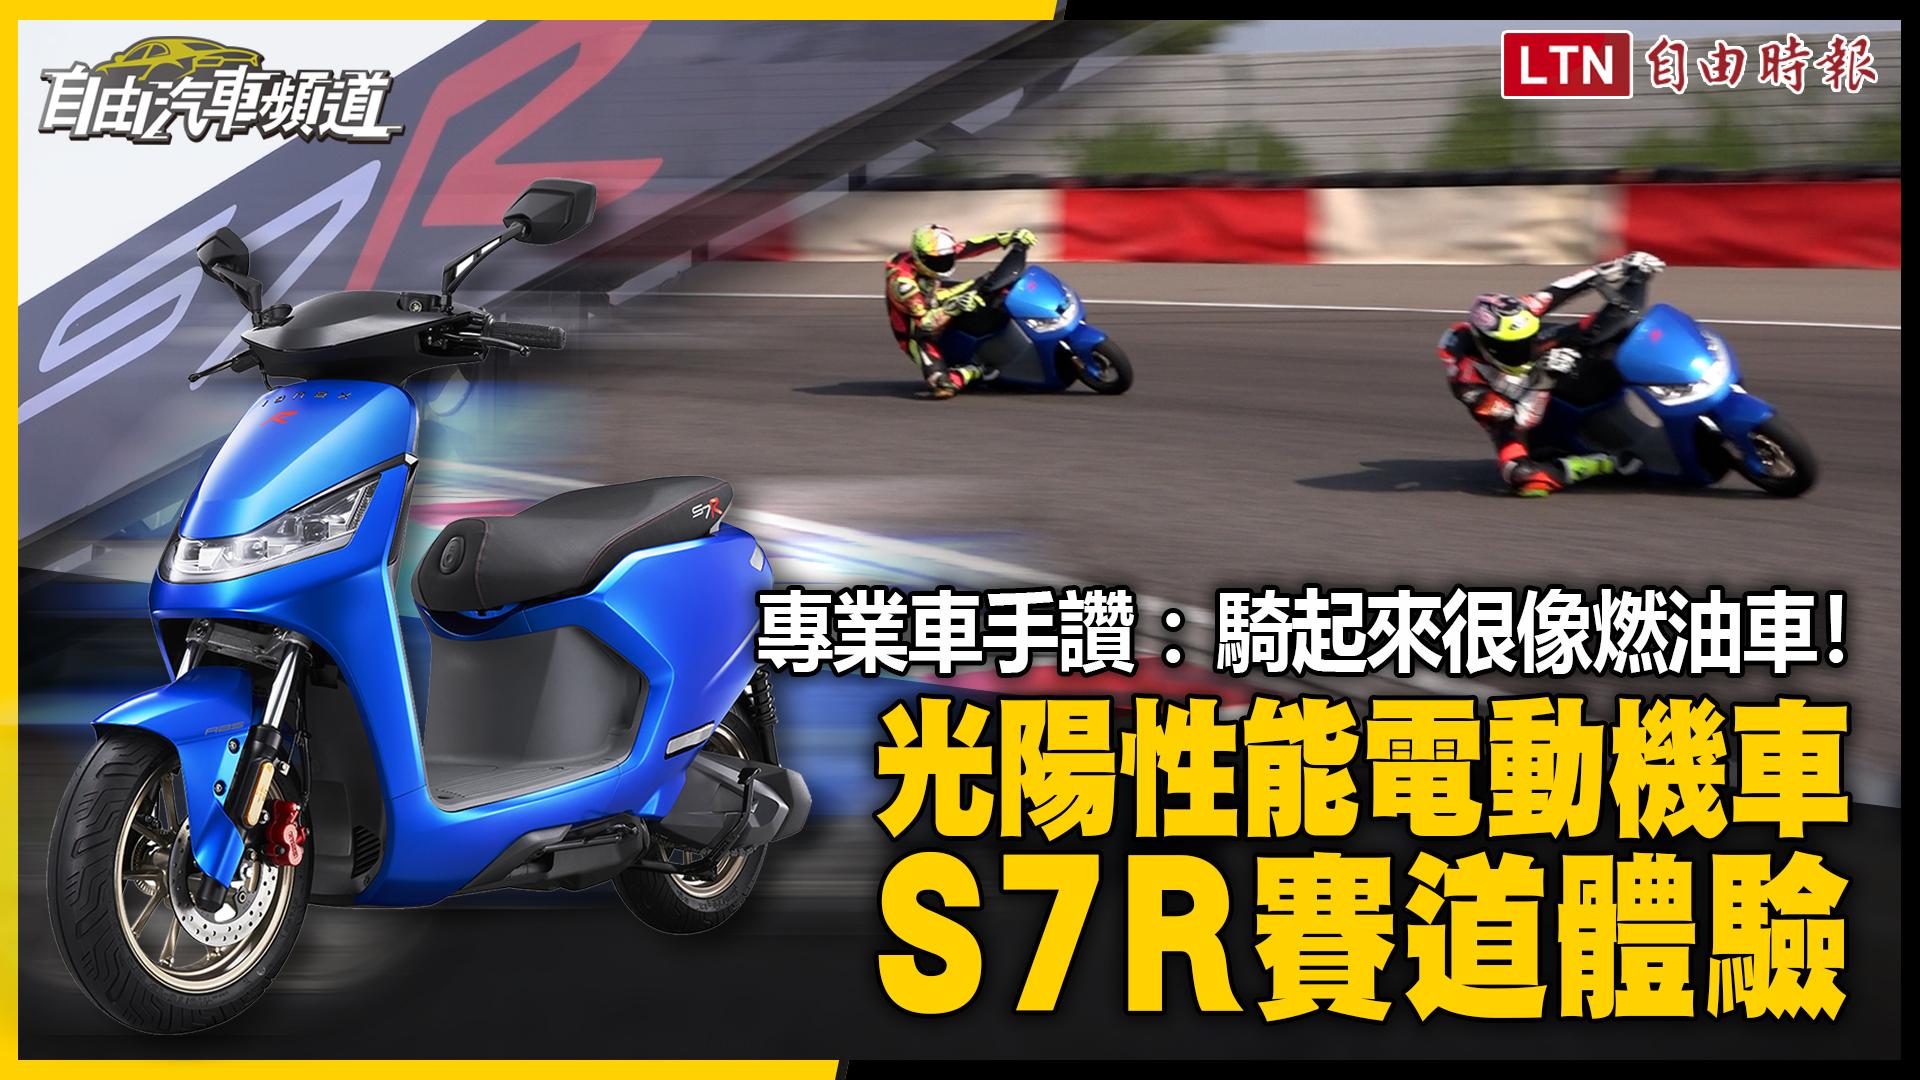 專業車手讚:騎起來很像燃油車! 光陽性能電動機車 S7R 賽道體驗